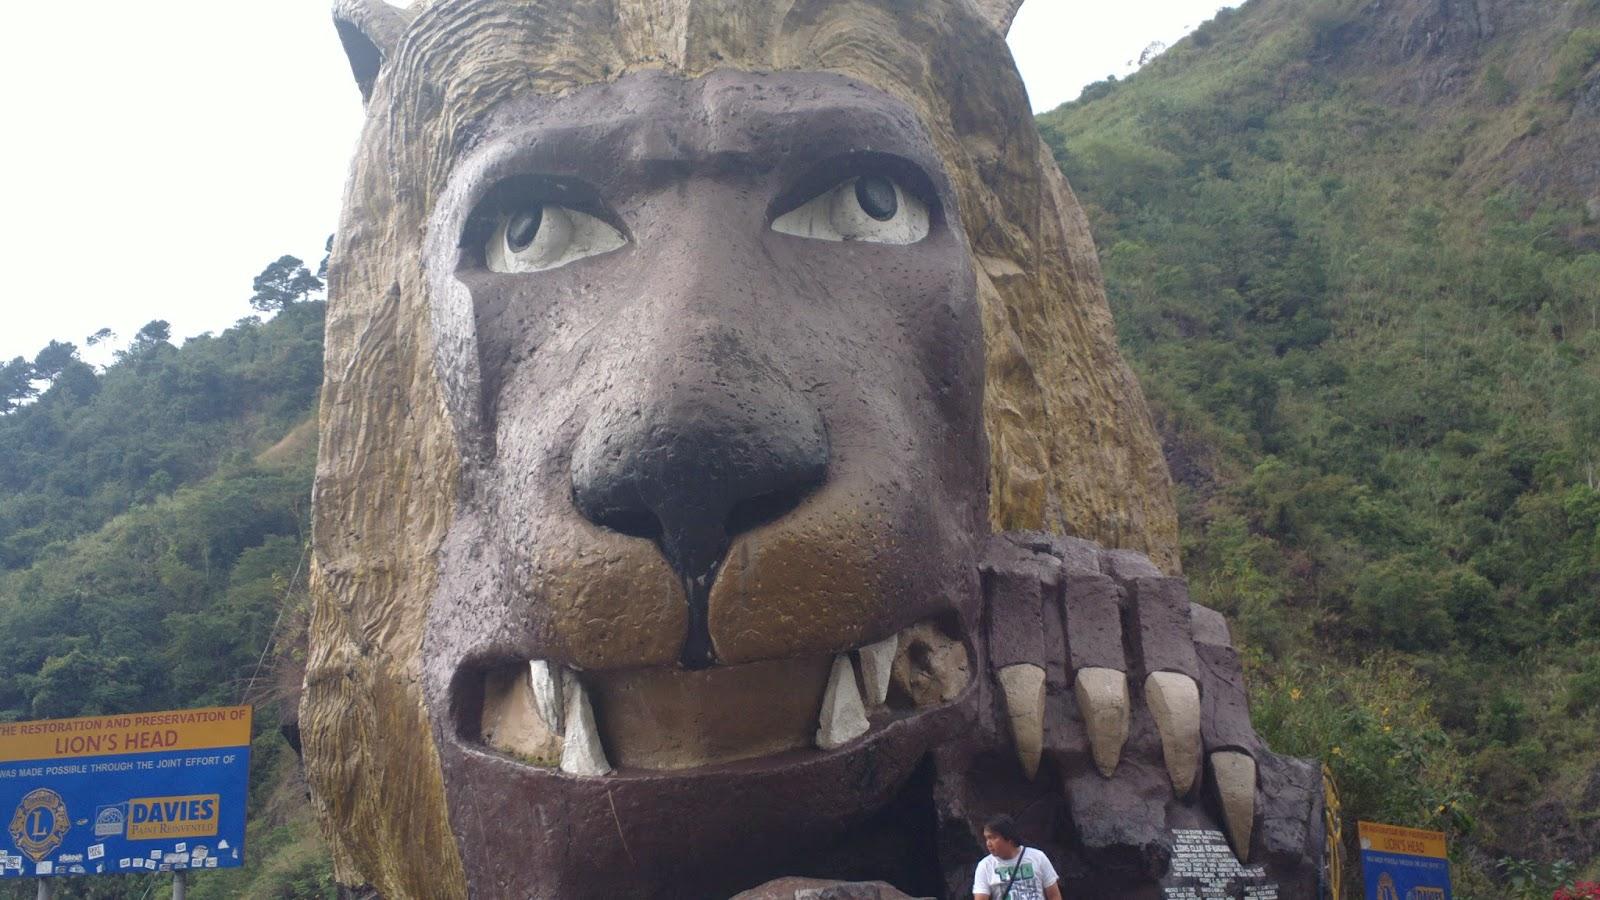 The Lion's Head